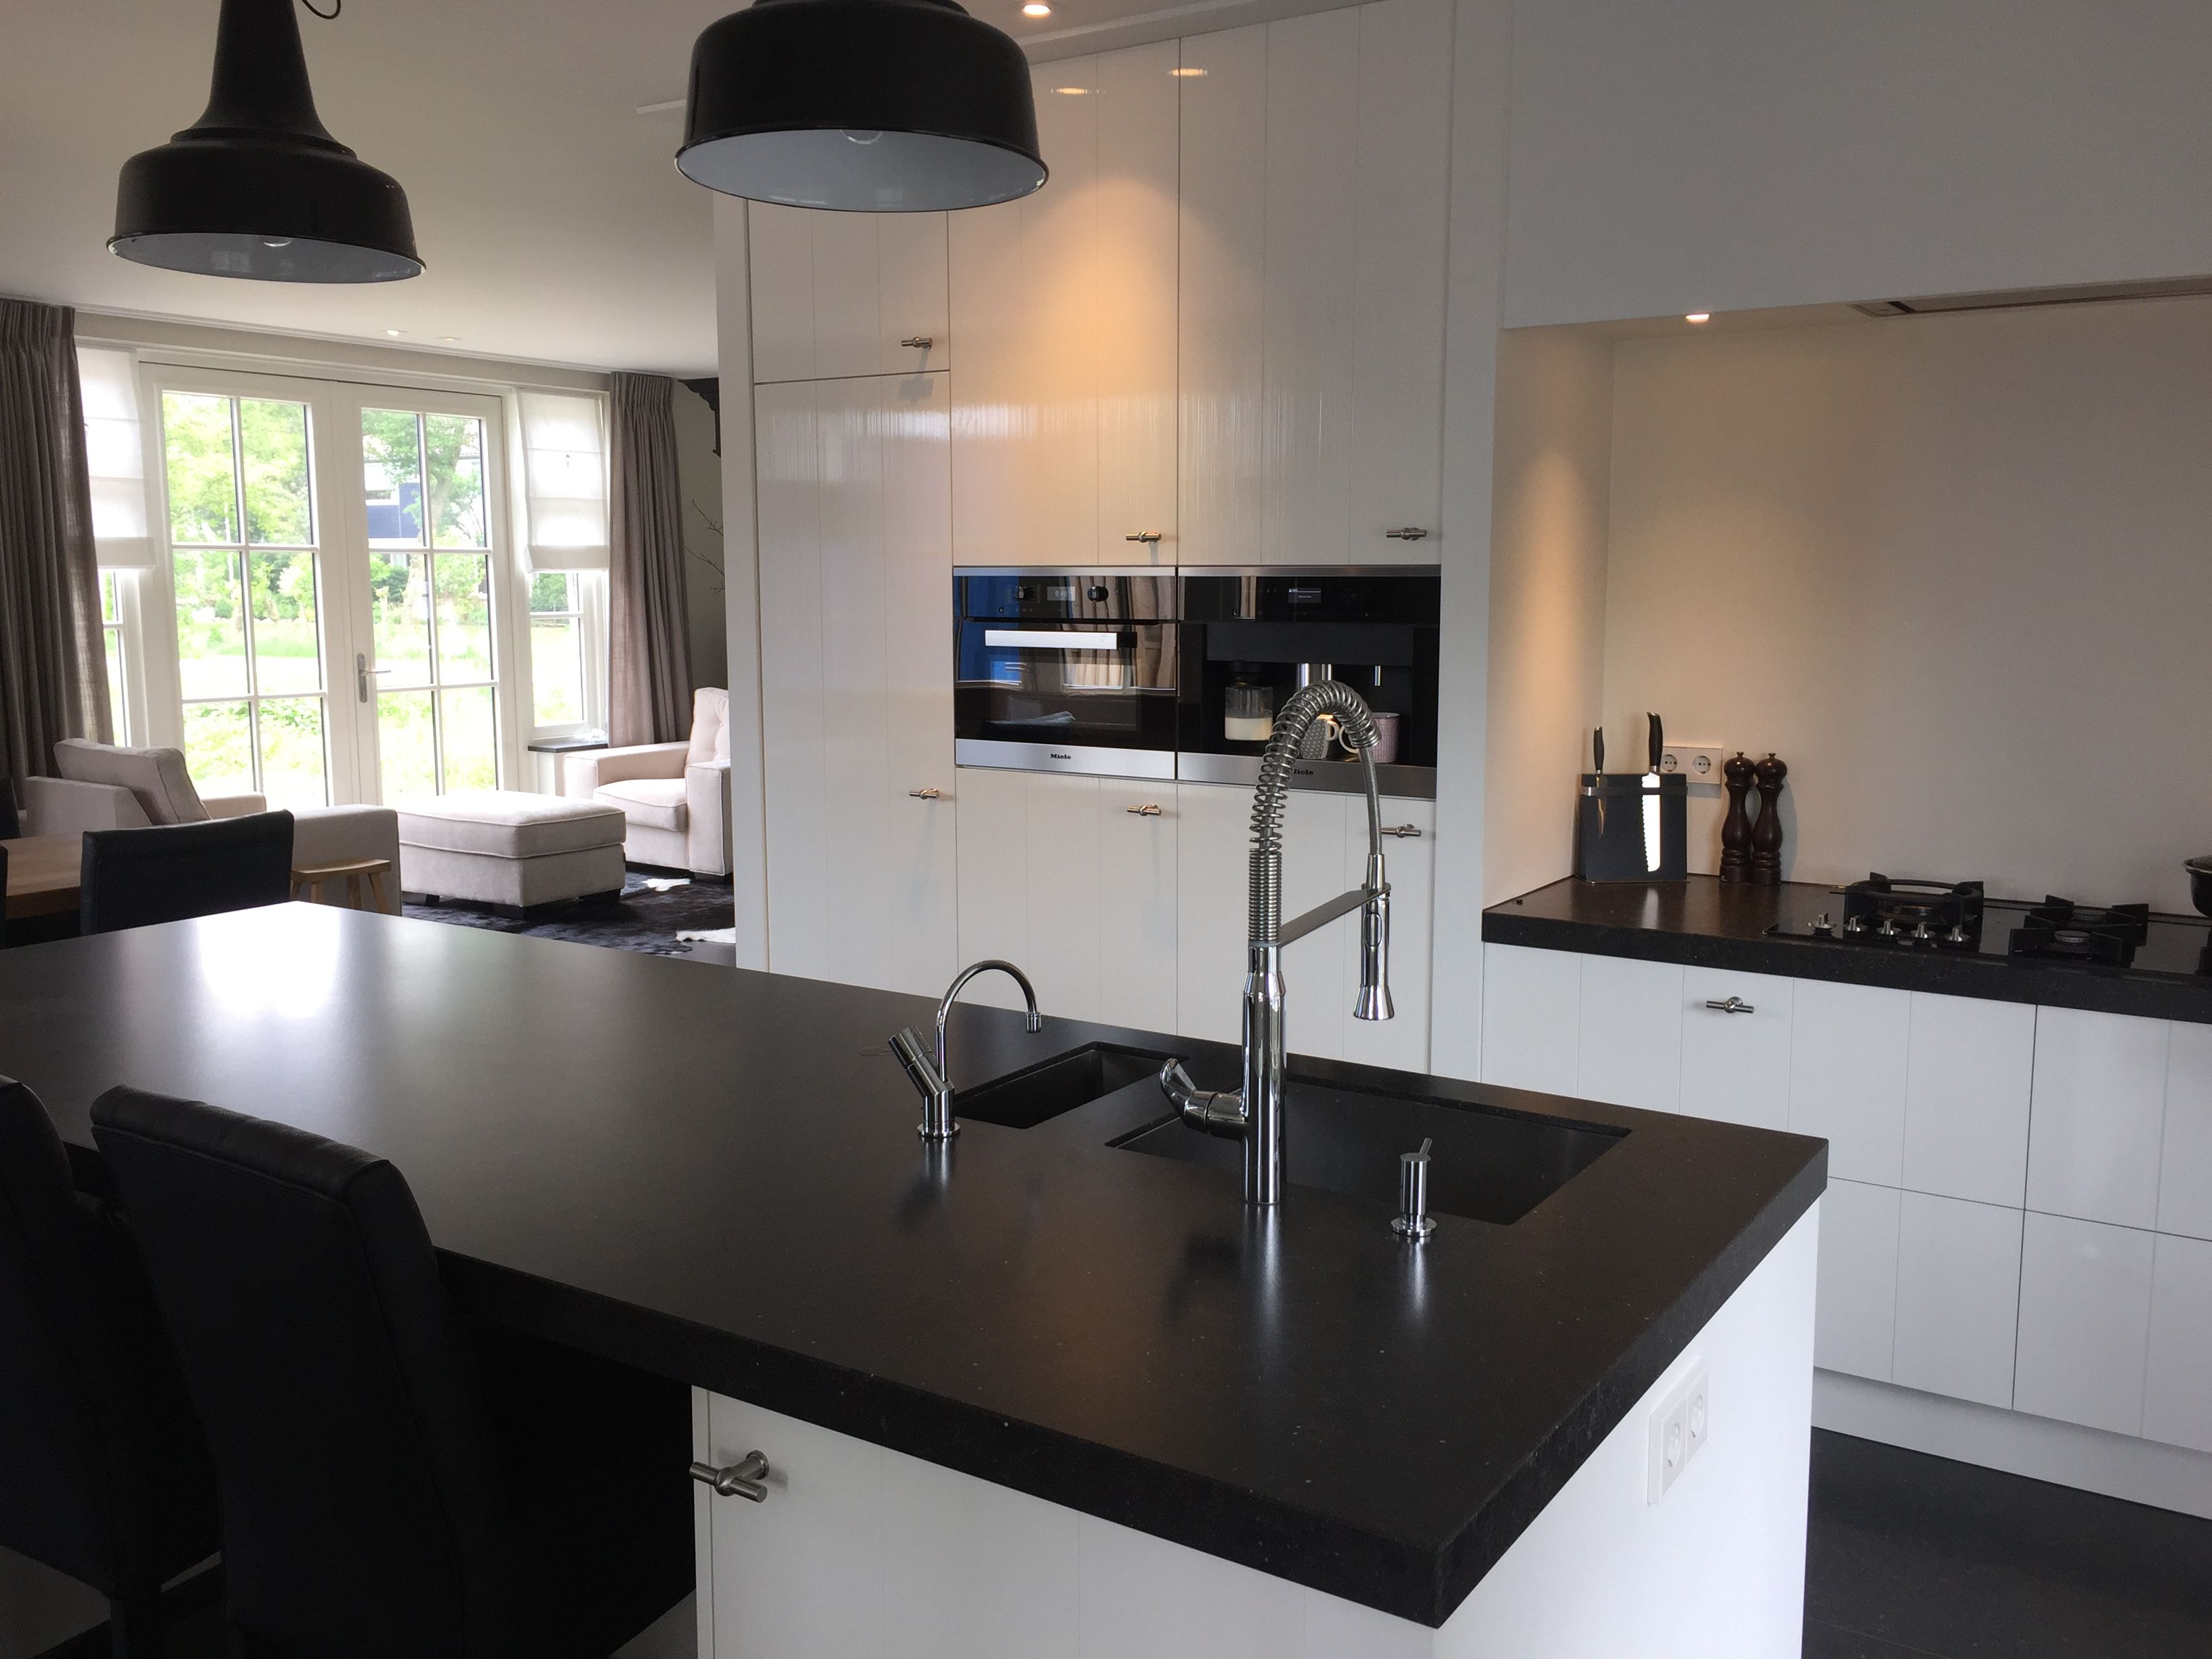 Keukenontwerp gemaakt tijdens de bouw van de woning belgisch hardsteen witte keuken hanglamp - Keukenontwerp ...